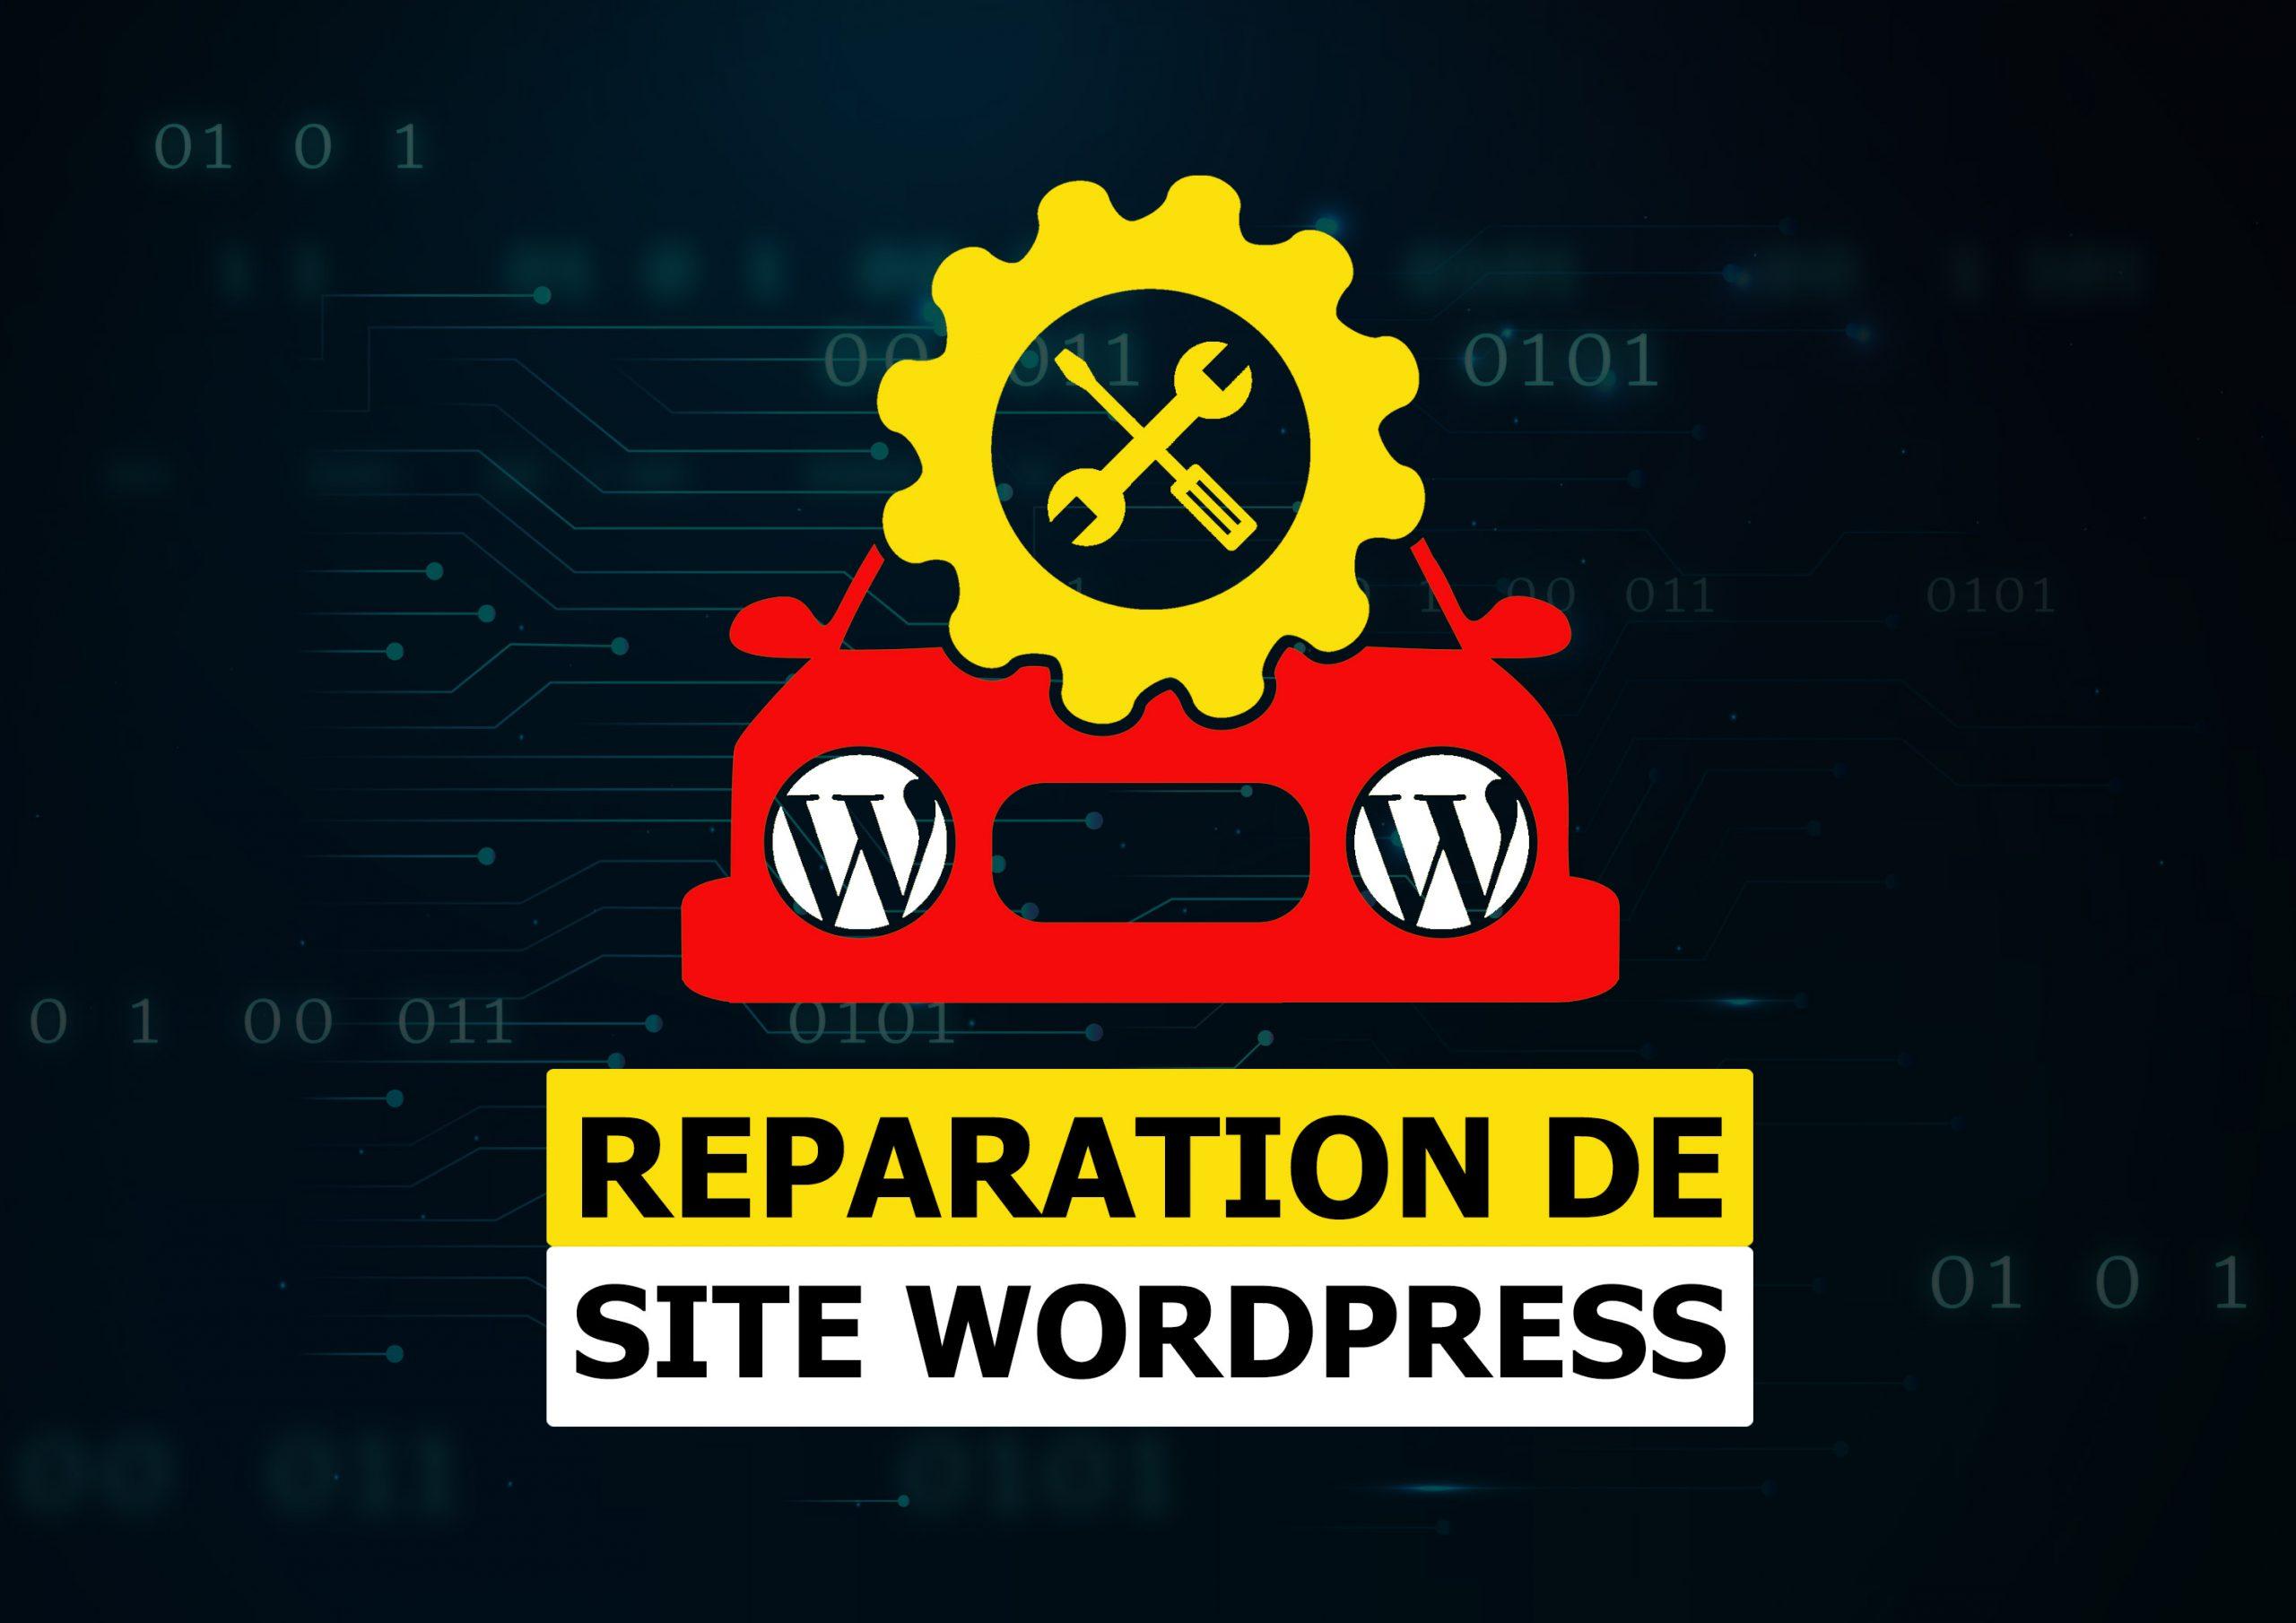 Je répare les bugs ou erreurs de votre site WordPress   plus de 8 ans d'expertise WordPress